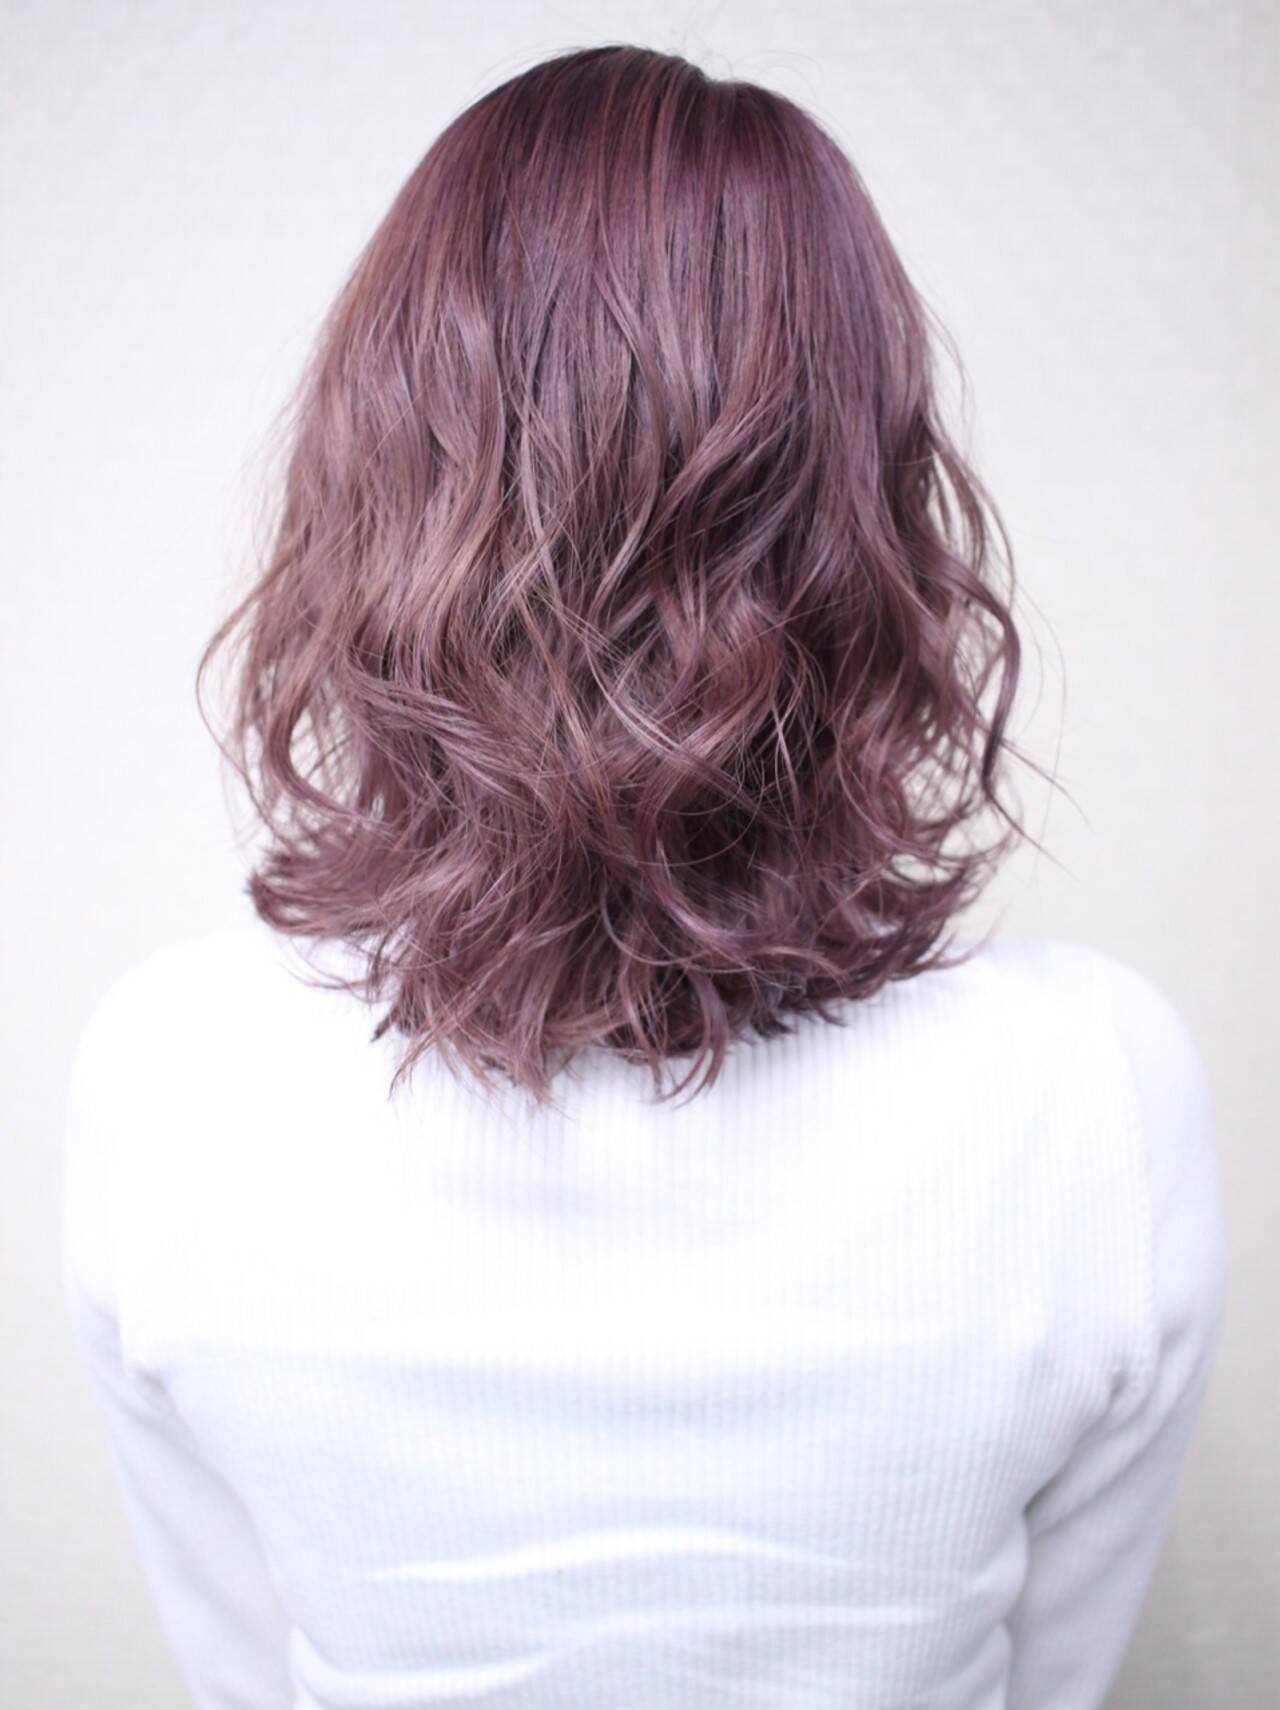 ボブ 外国人風カラー 透明感 大人女子ヘアスタイルや髪型の写真・画像